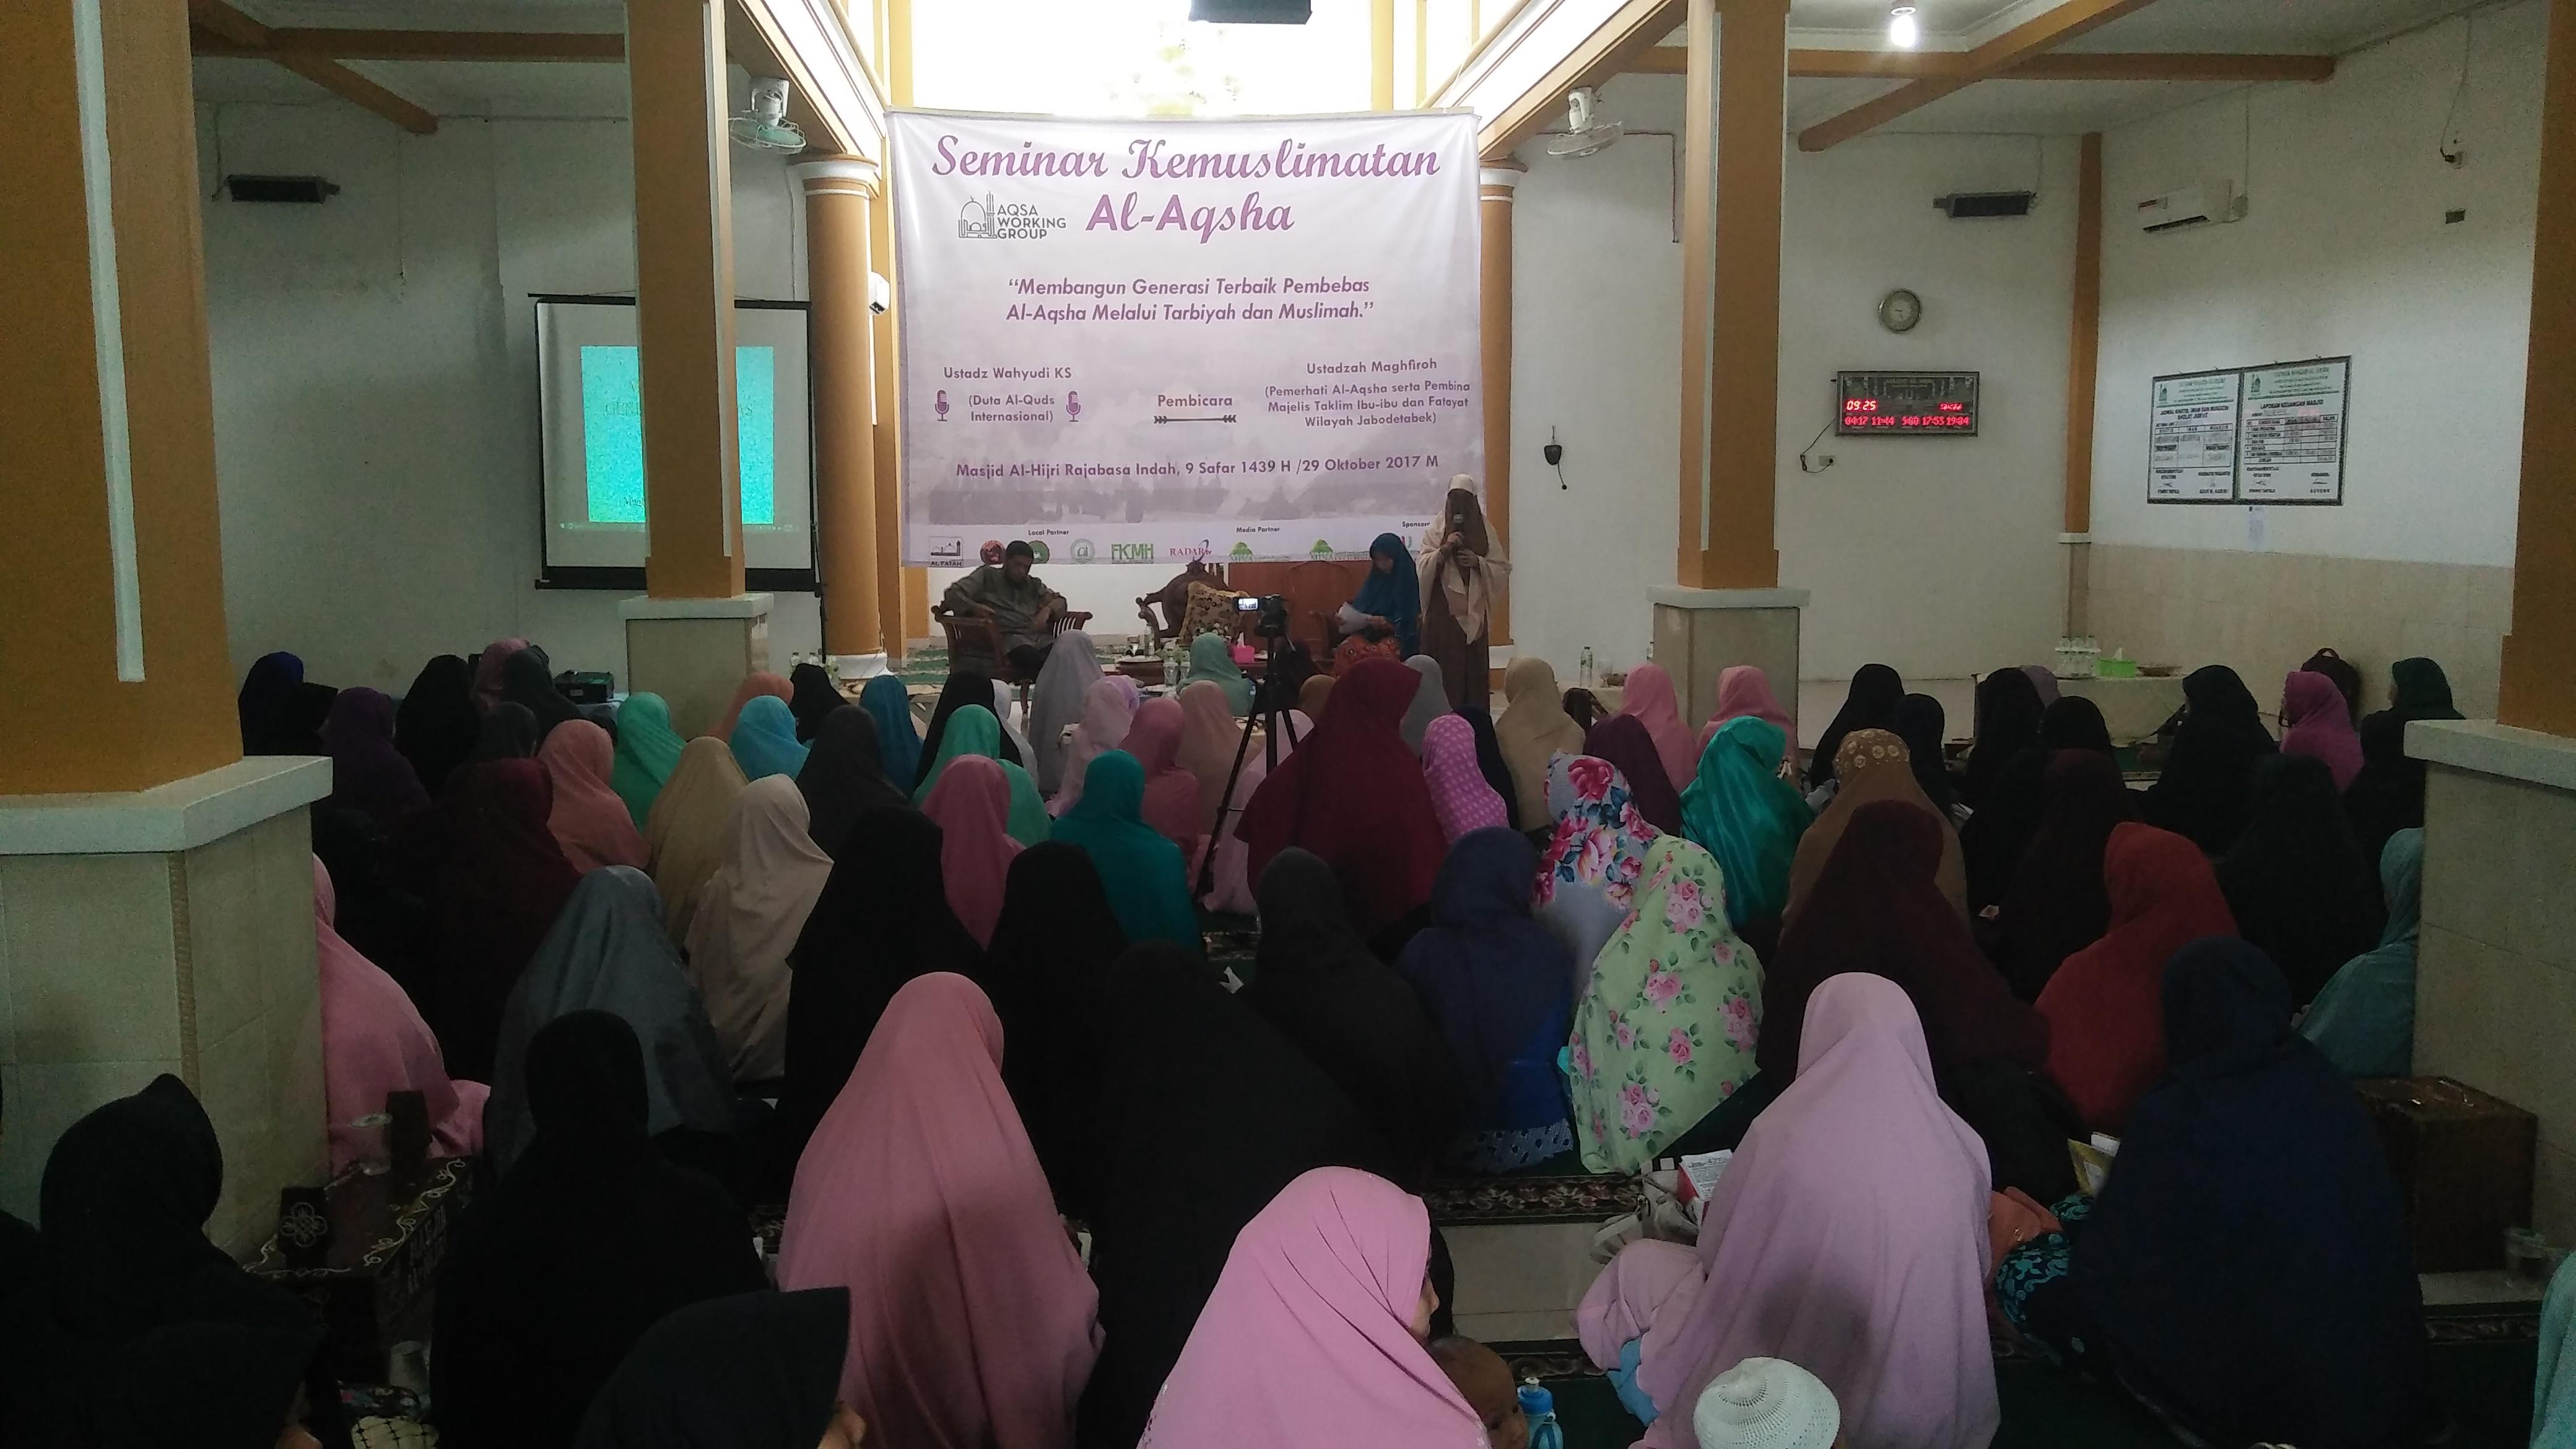 AWG Lampung Gelar Seminar Kemuslimahan Al-Aqsha